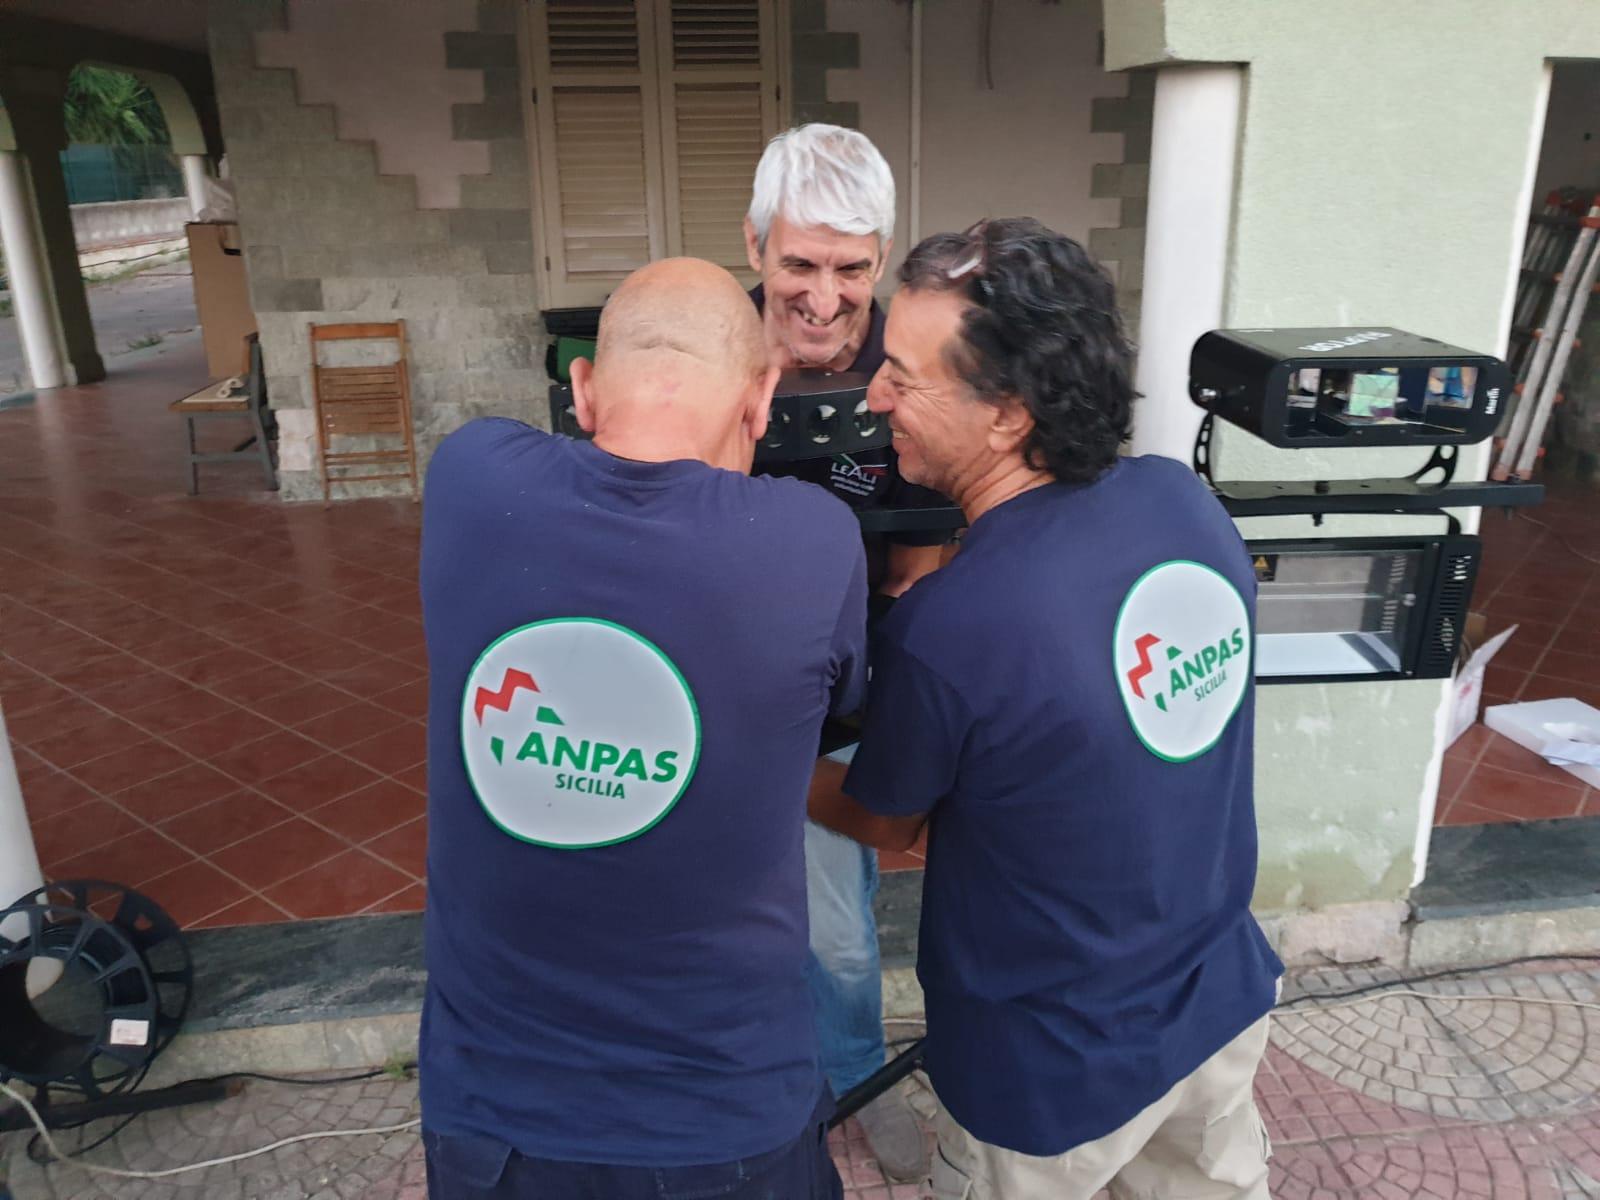 Opc-LeAli - Promuovere il volontariato Anpas